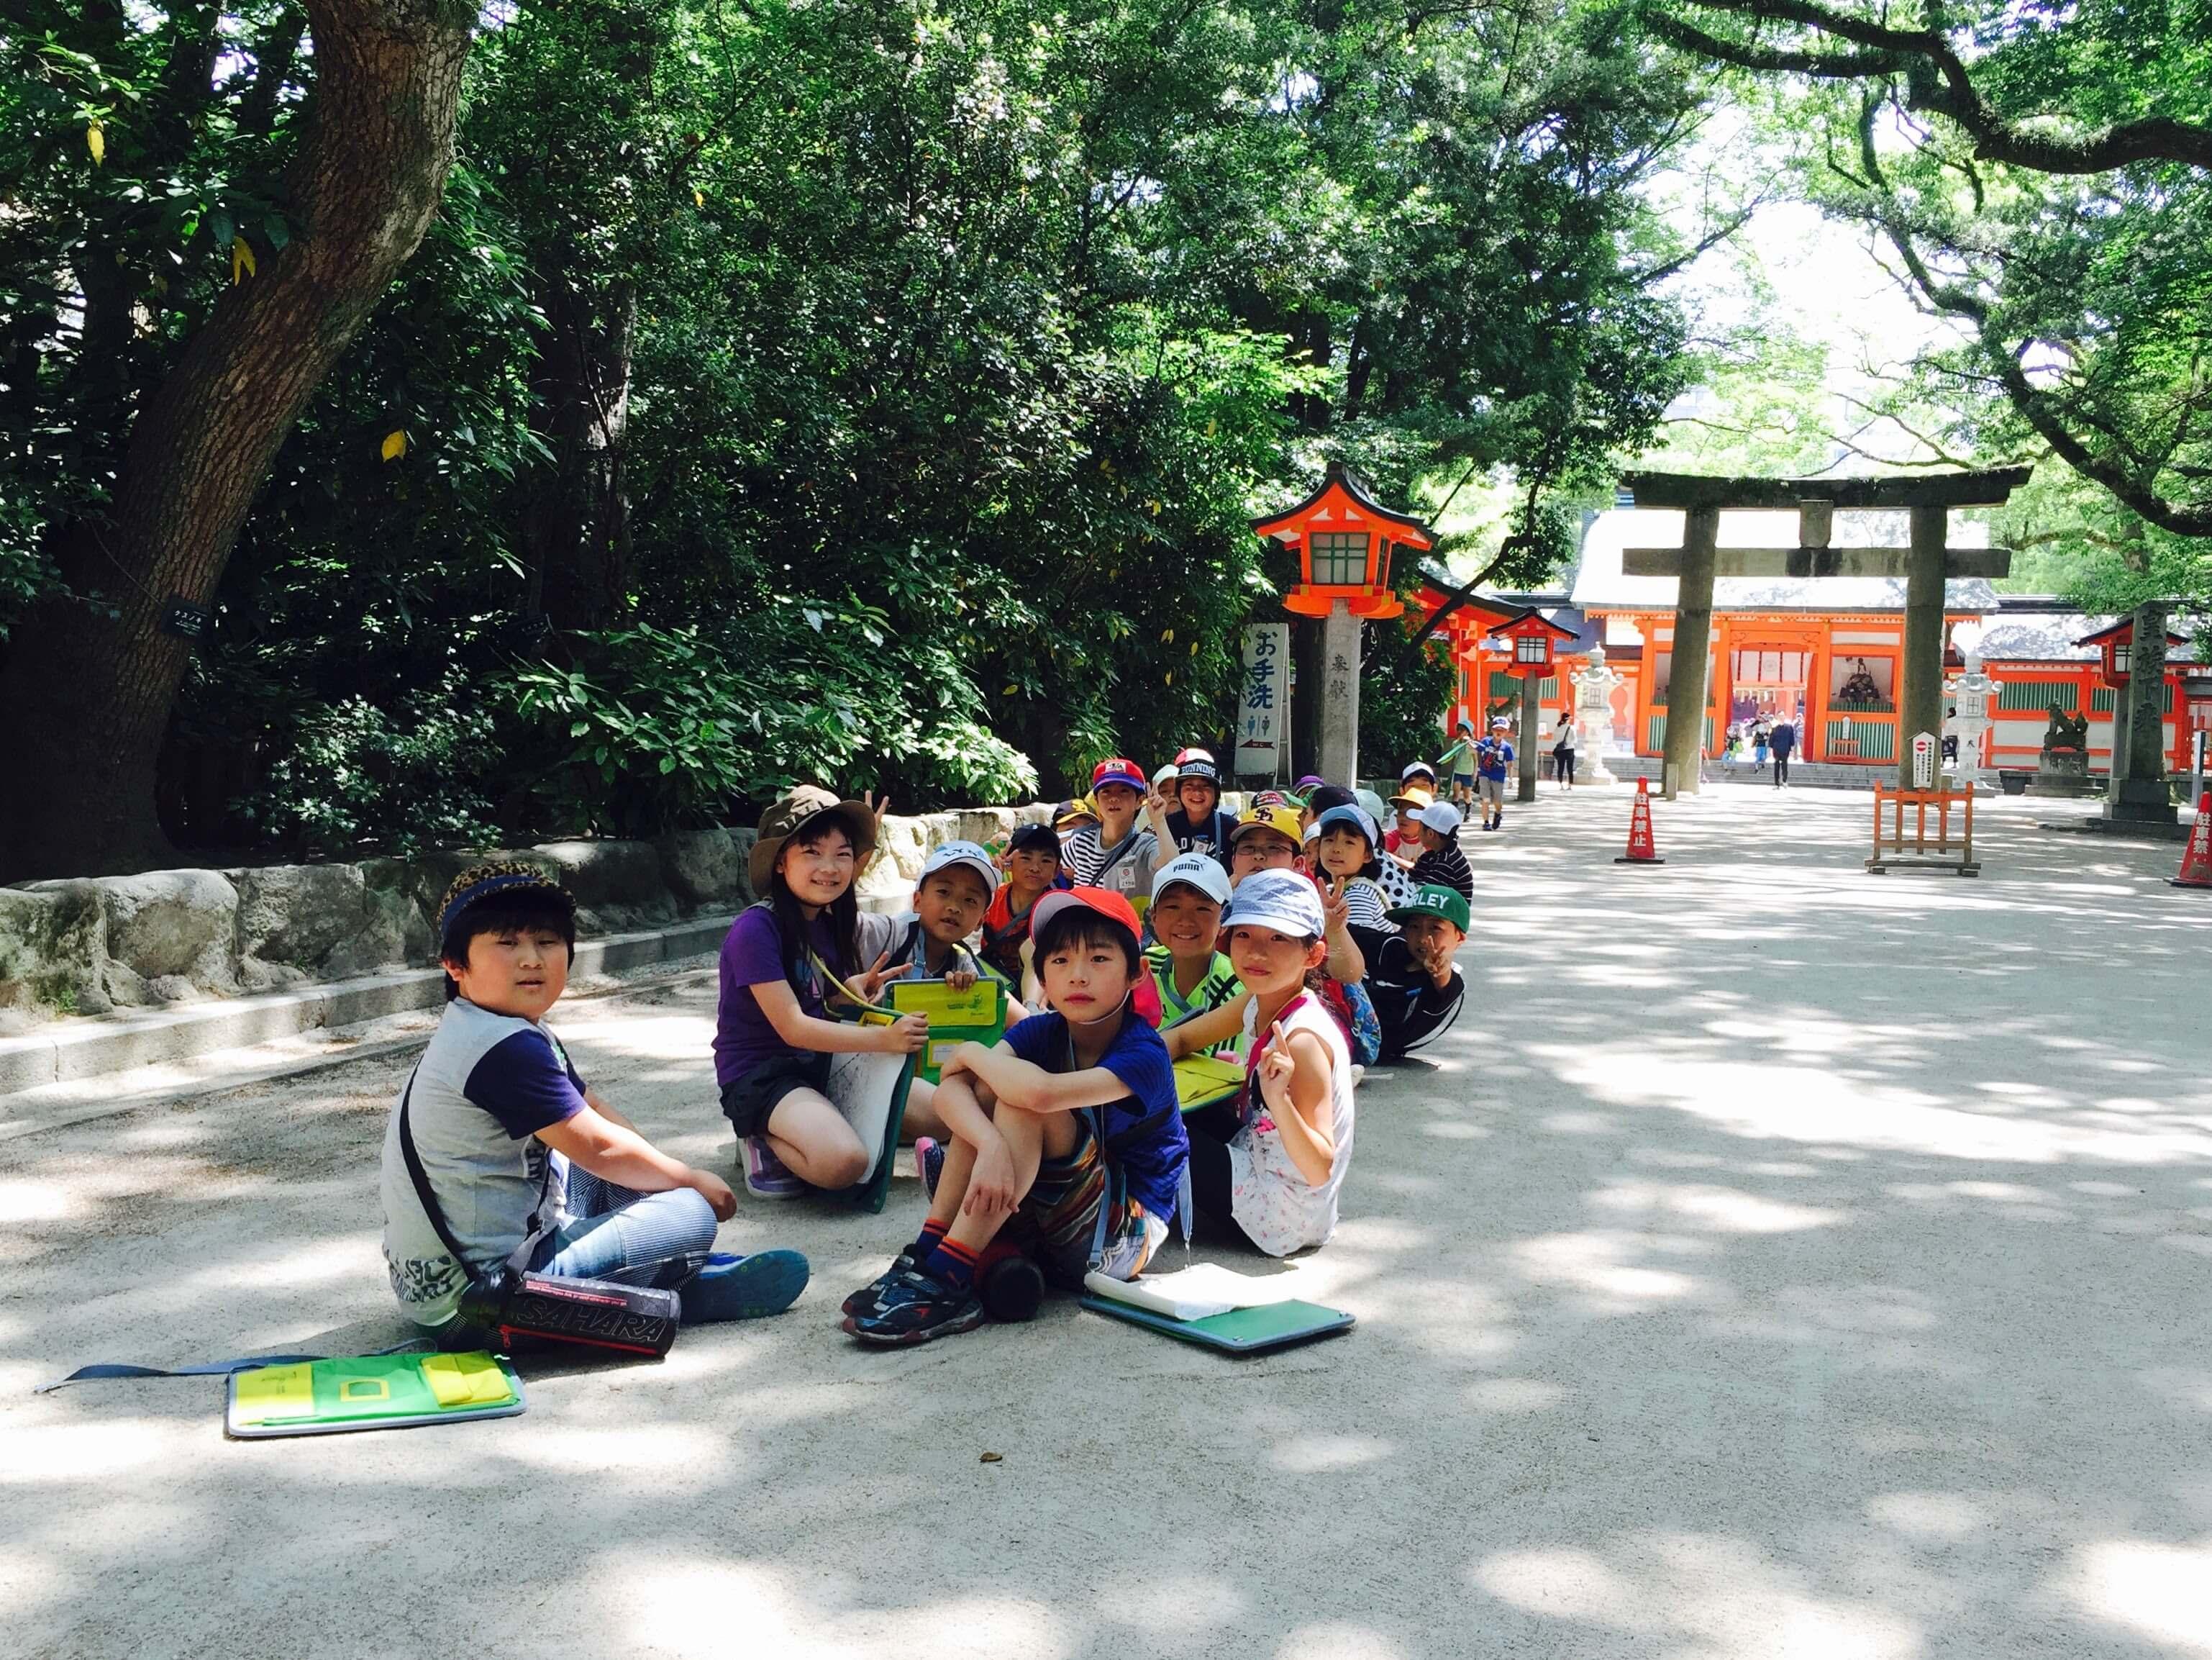 巧 遇 校 外 教 學 的 日 本 小 朋 友 們 。 超 咖 哇 依 !